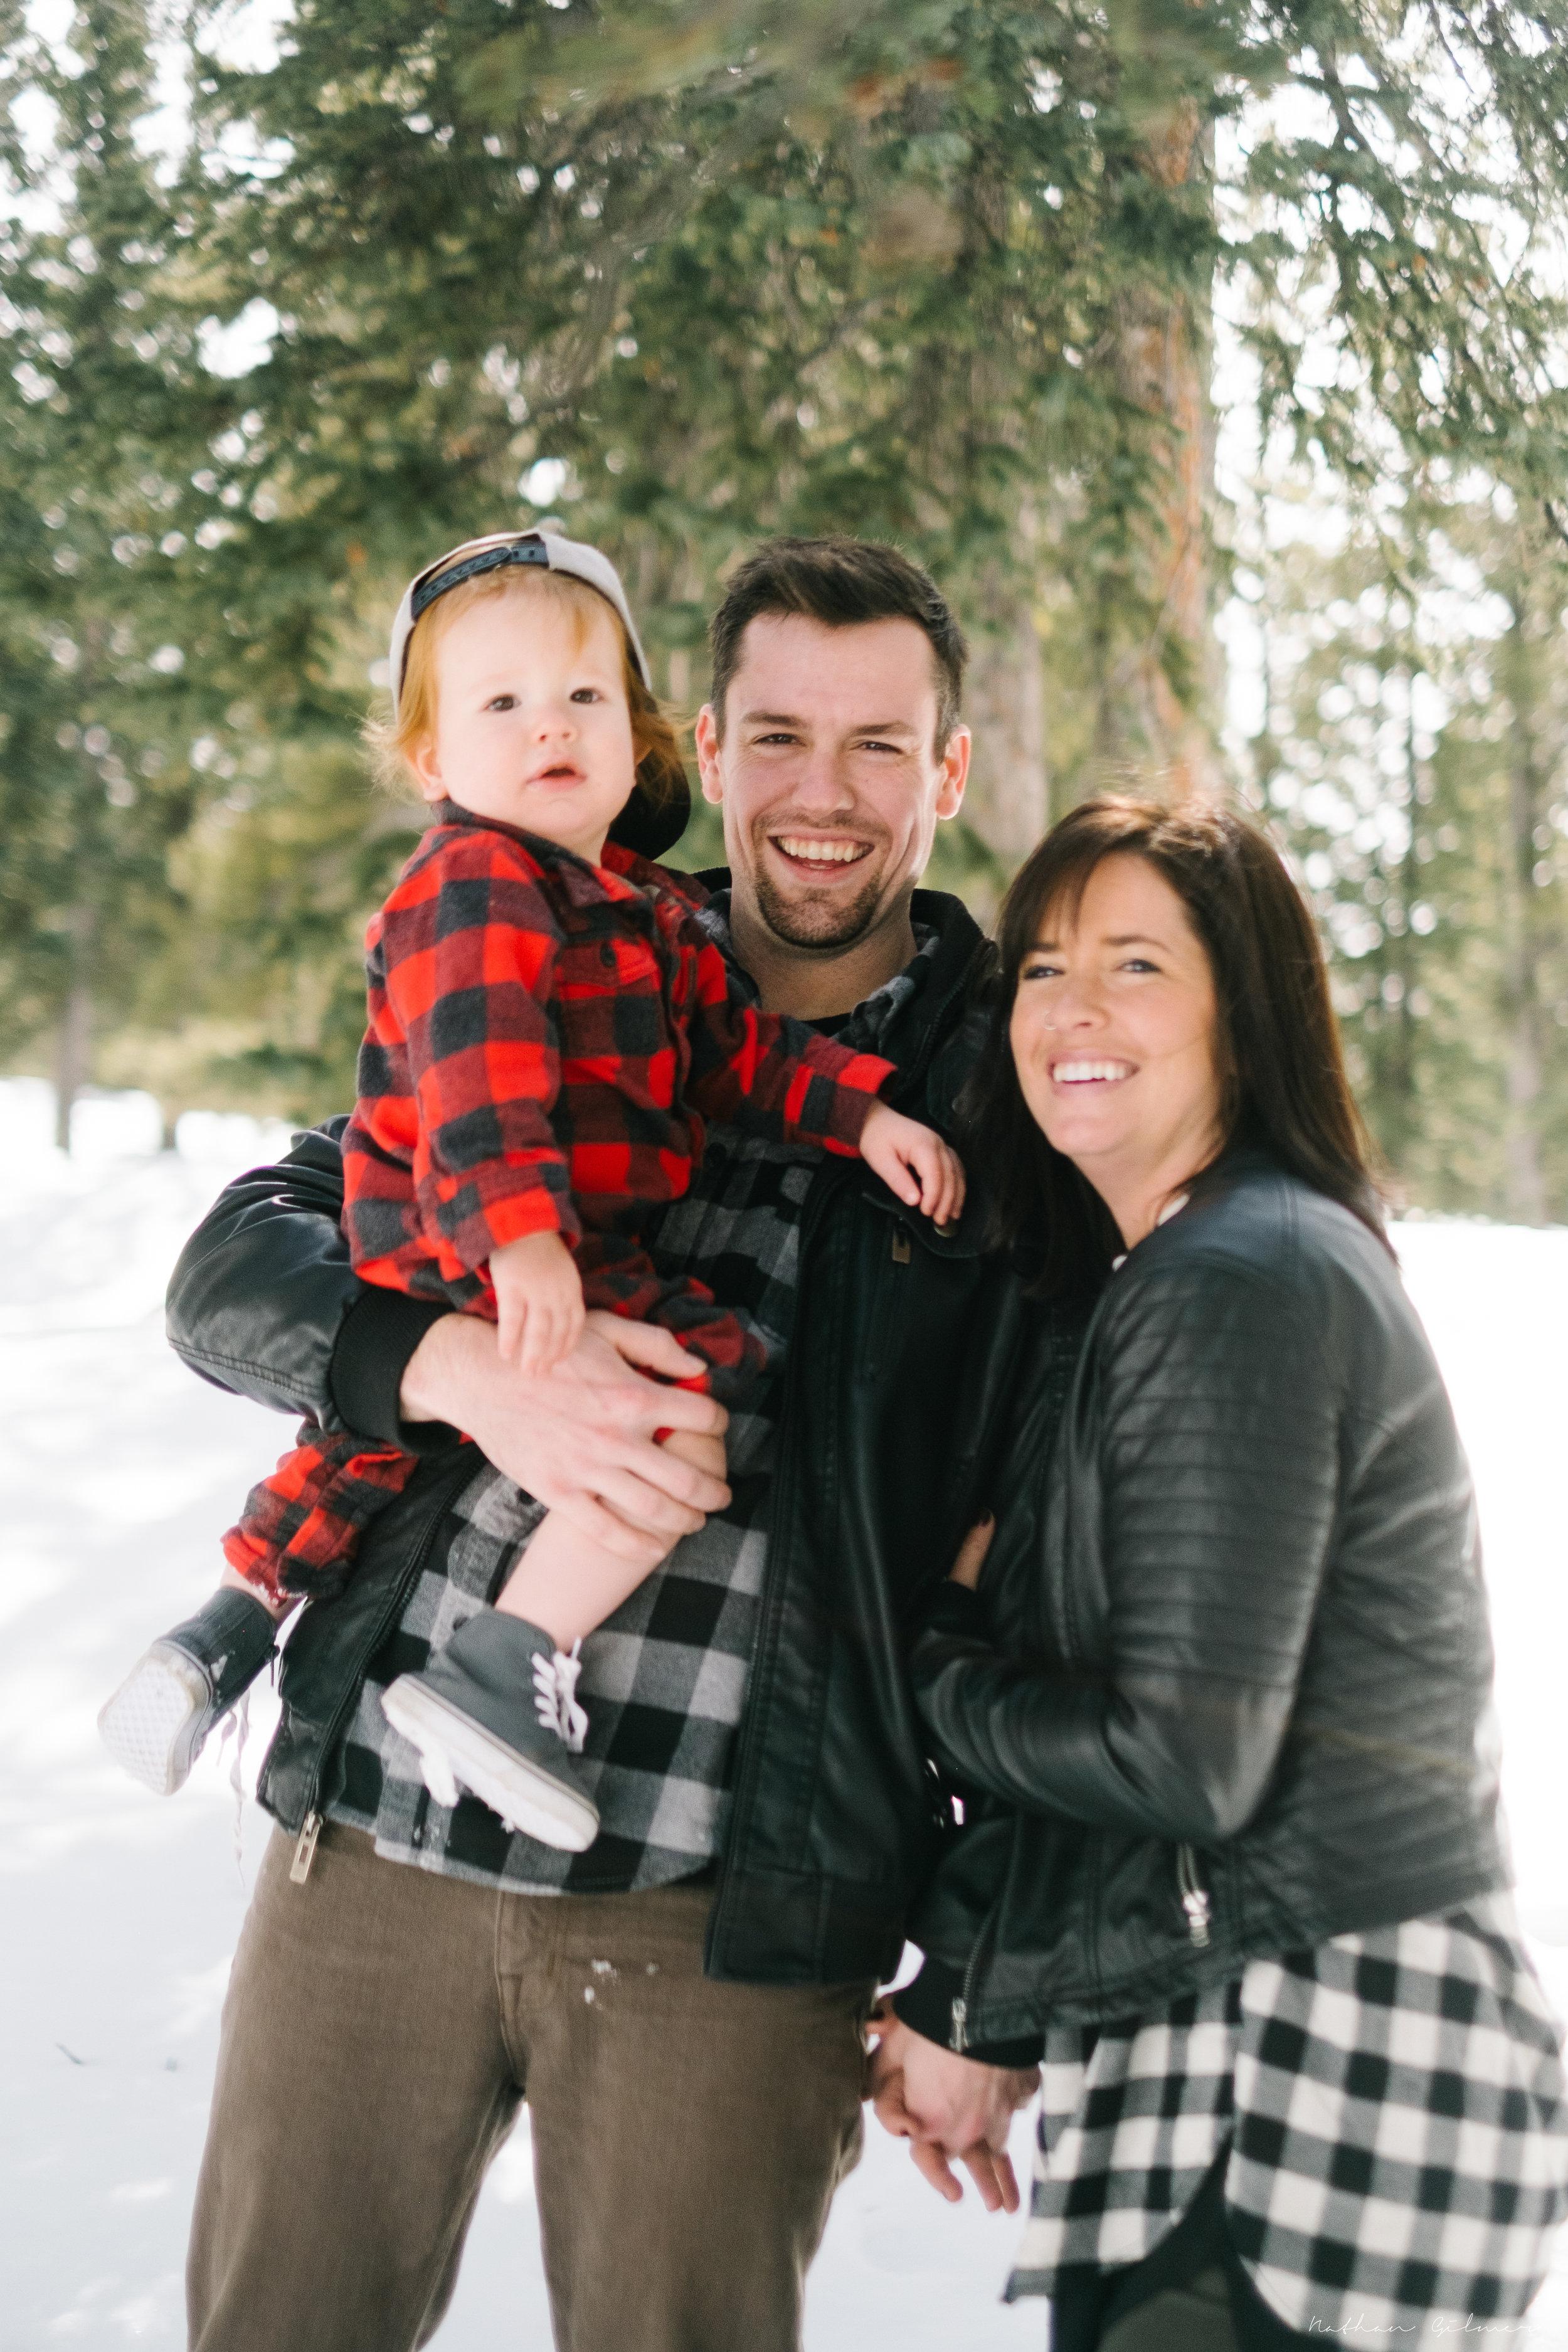 Colorado Winter Portraits-5.jpg